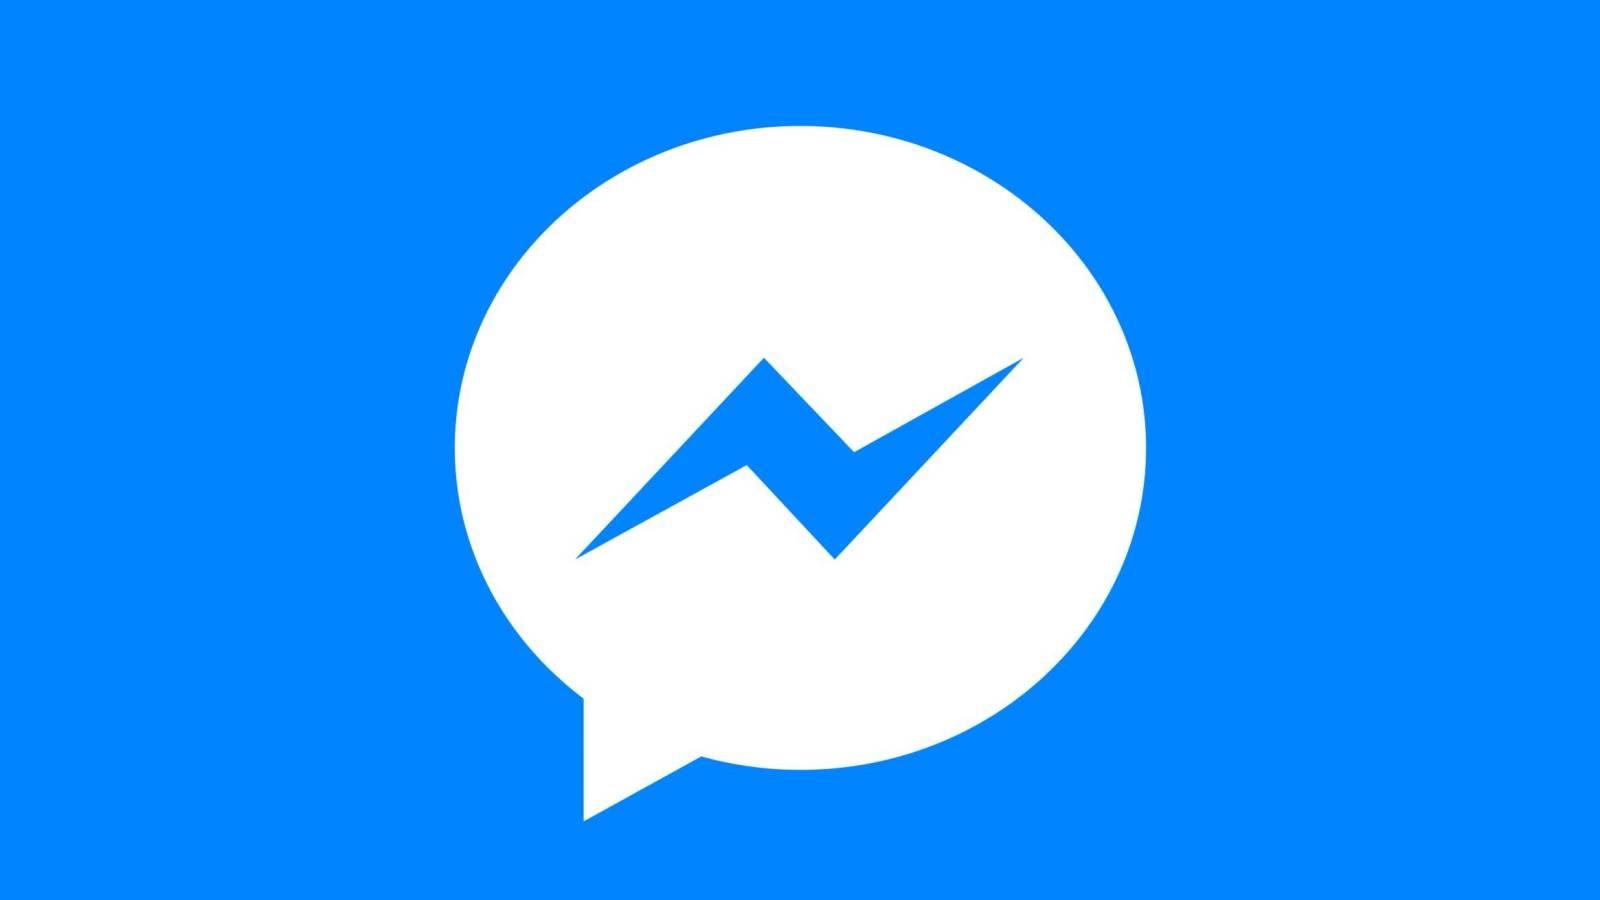 Facebook Messenger Update Nou Oferit pentru Toata Lumea